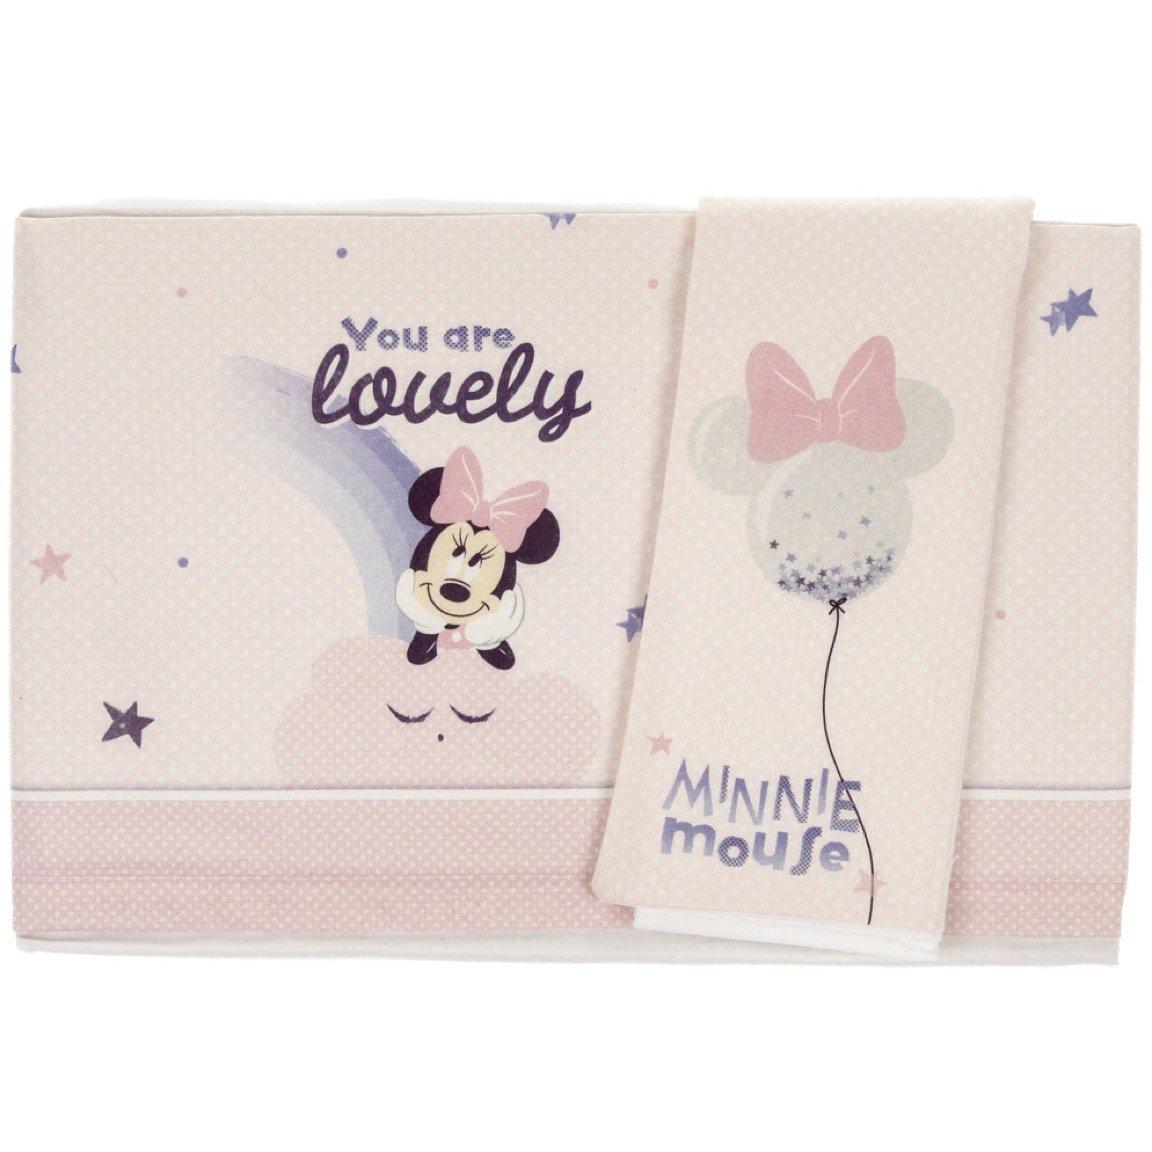 Disney σεντόνια σετ τριών τεμαχίων για παιδικό κρεβάτι (κούνια) «Minnie Mouse»